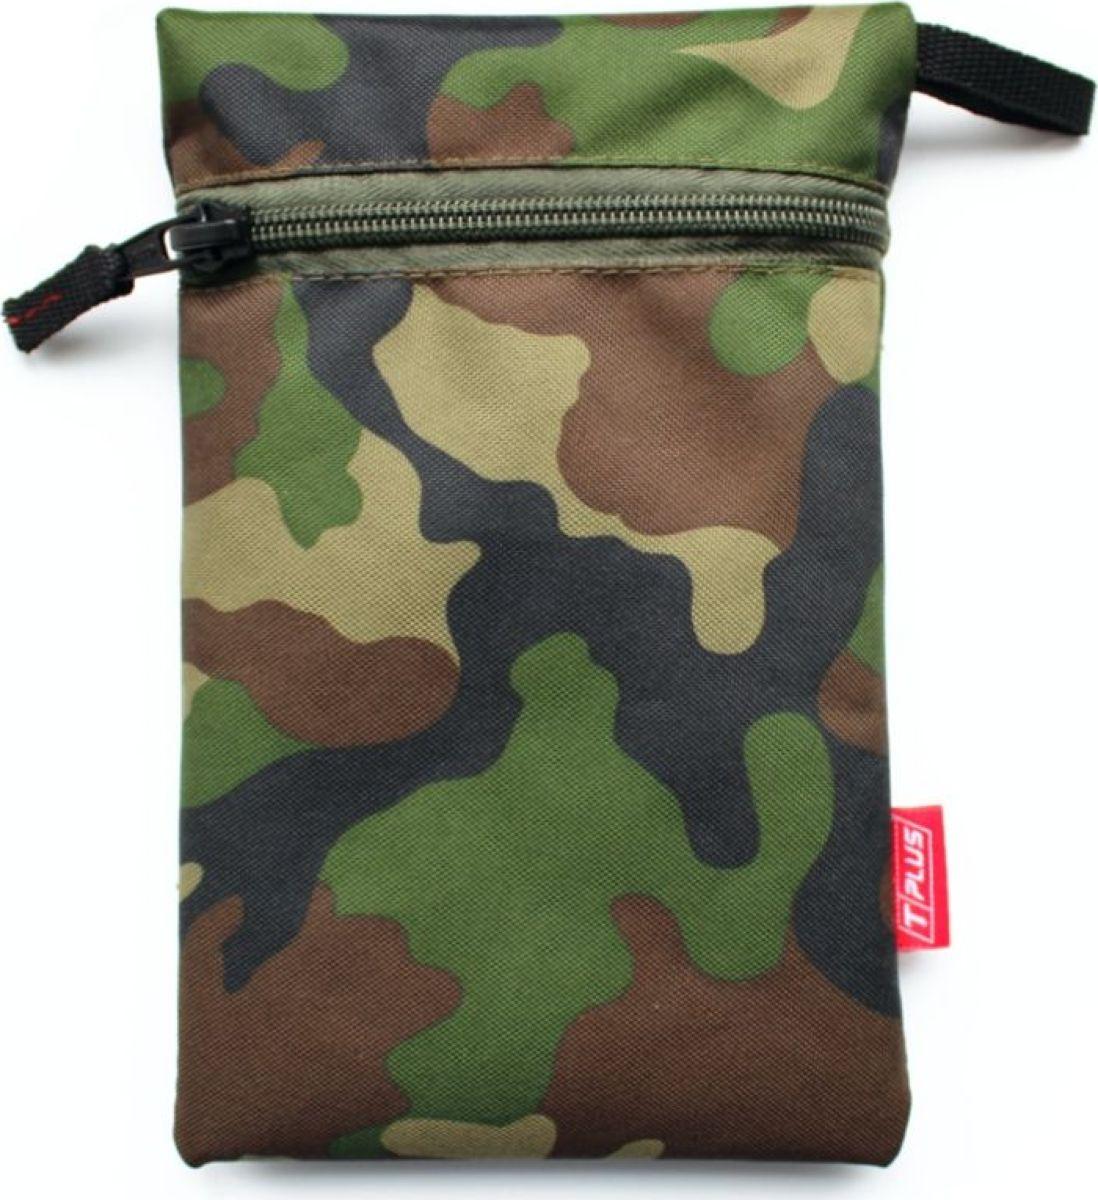 Мешок вещевой Tplus 600, цвет: нато, 13 x 20 см сумка для такелажной оснастки tplus сompact t009375